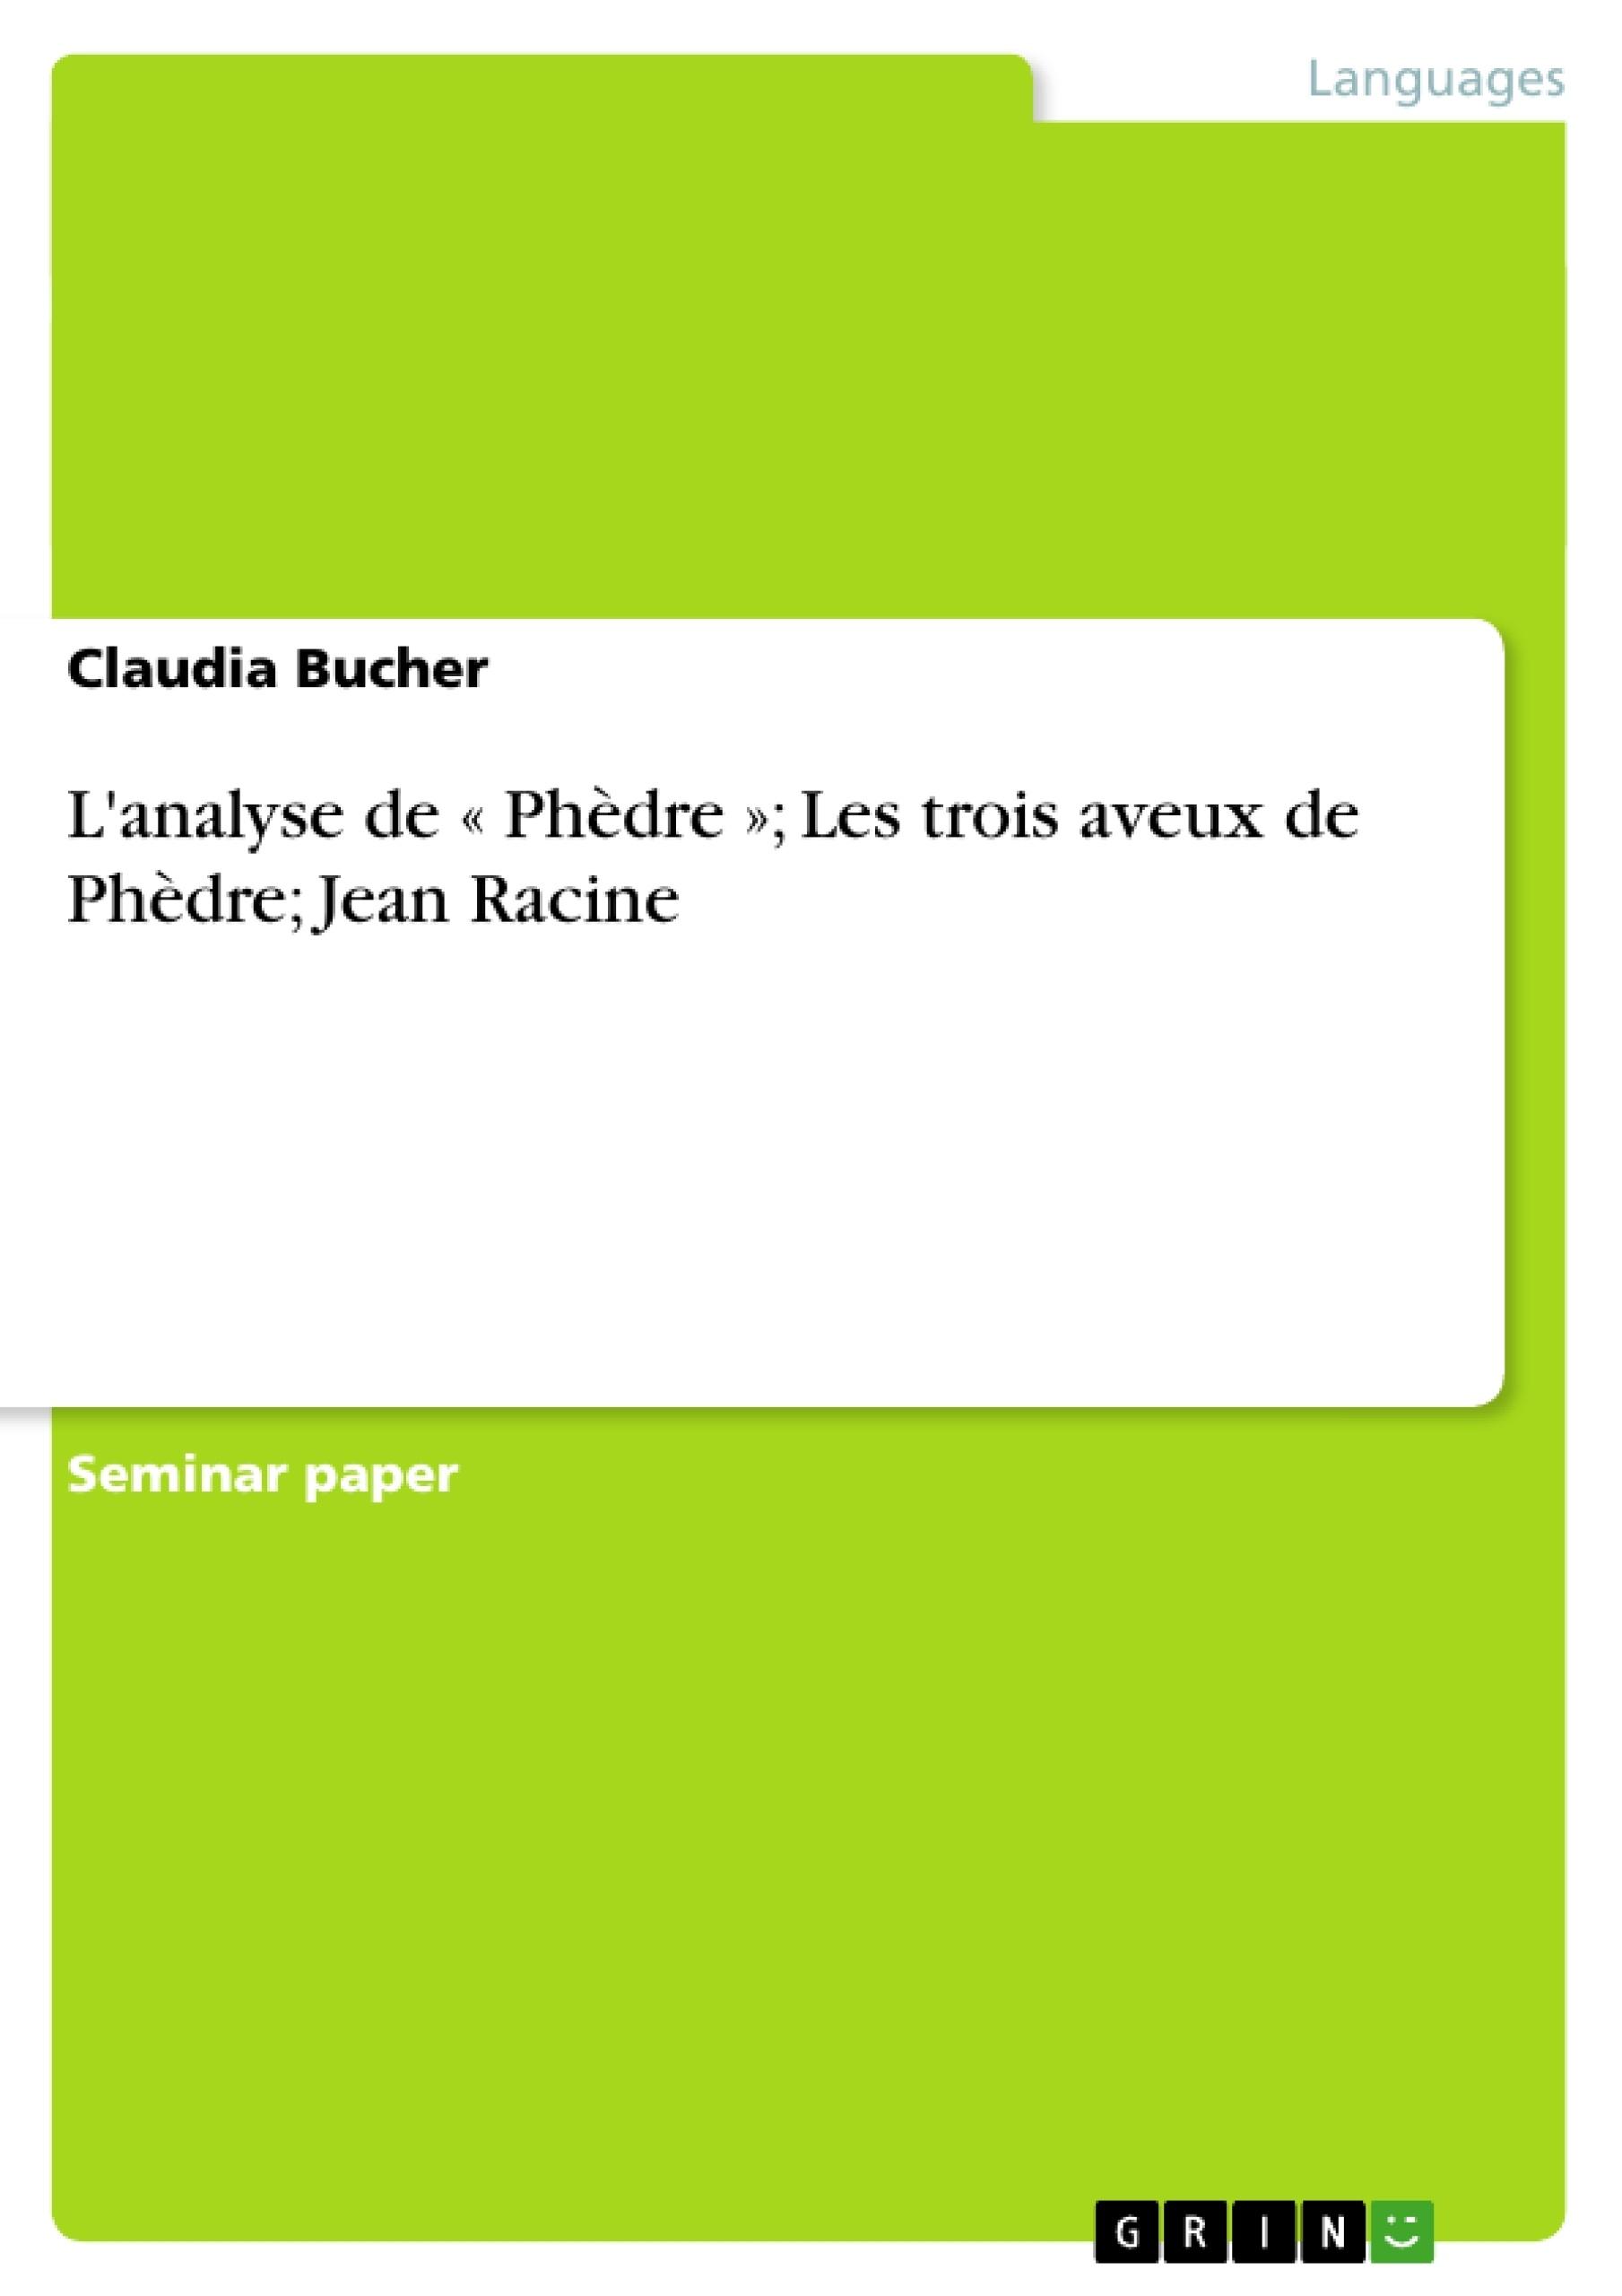 Titre: L'analyse de « Phèdre »; Les trois aveux de Phèdre; Jean Racine